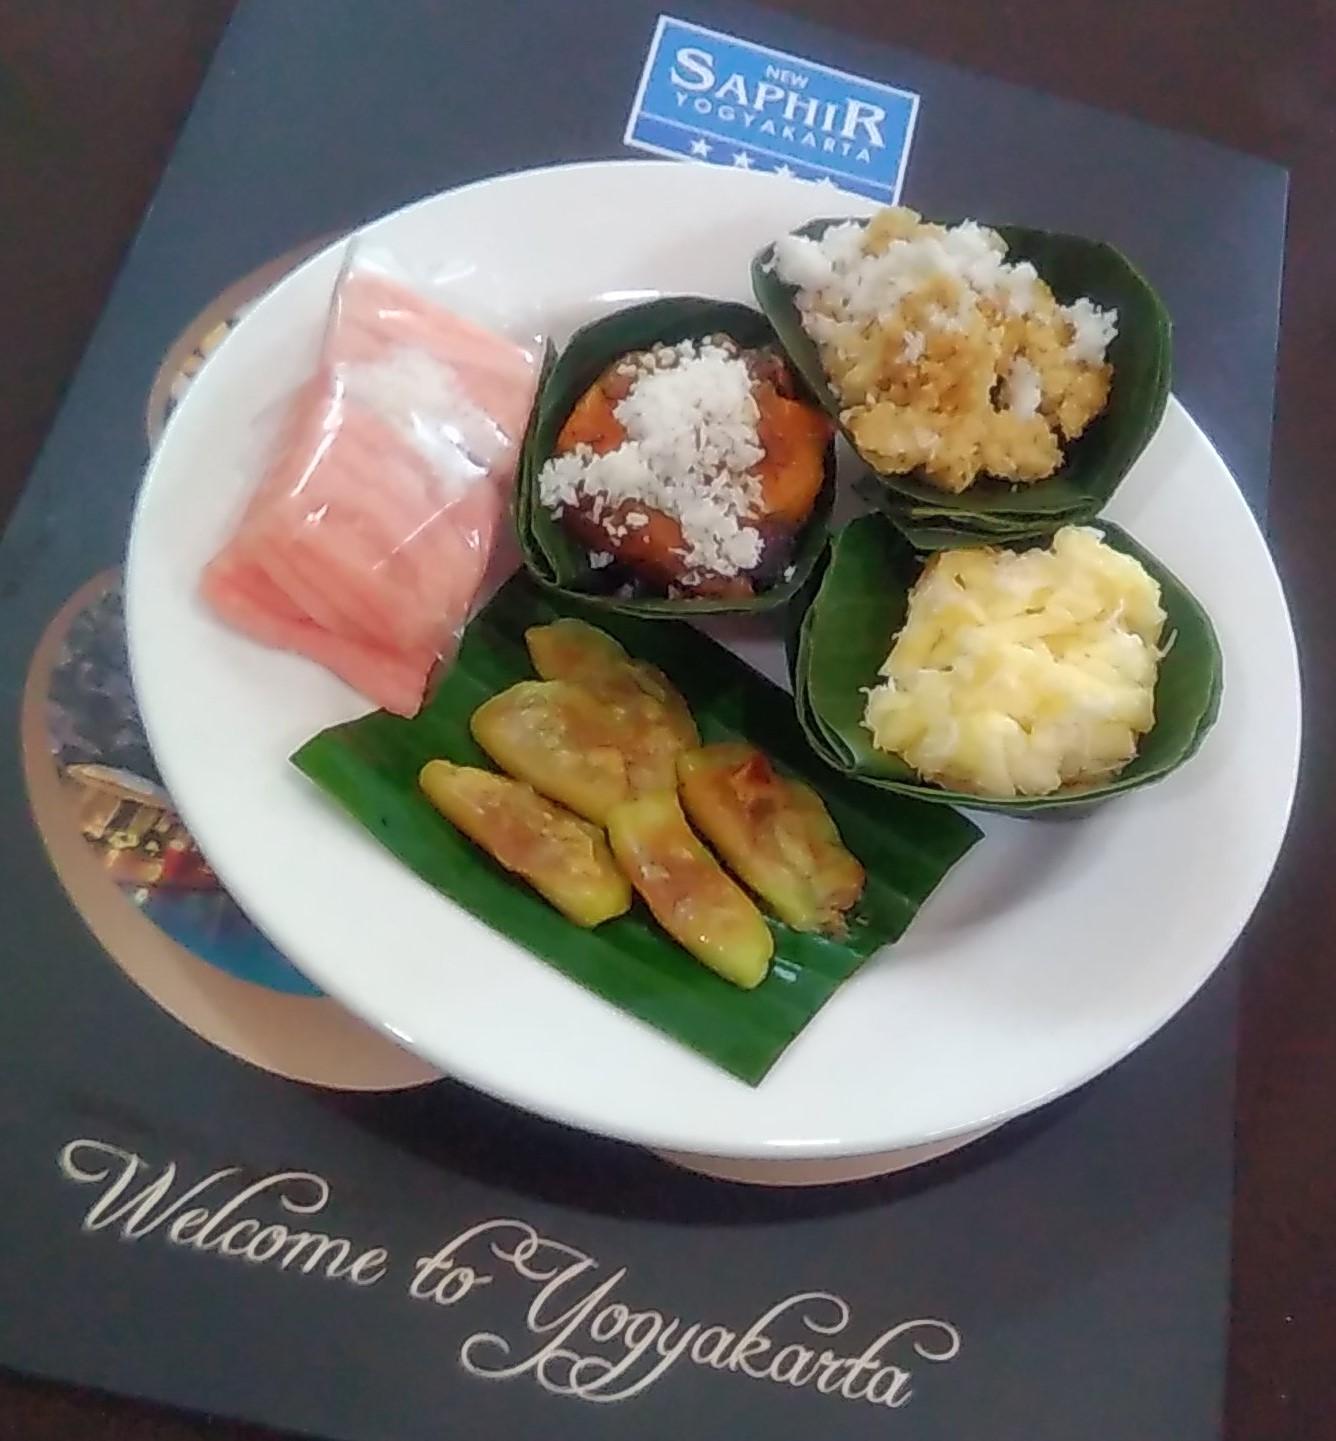 hotel new saphir yogyakarta menu kudapan tradisional